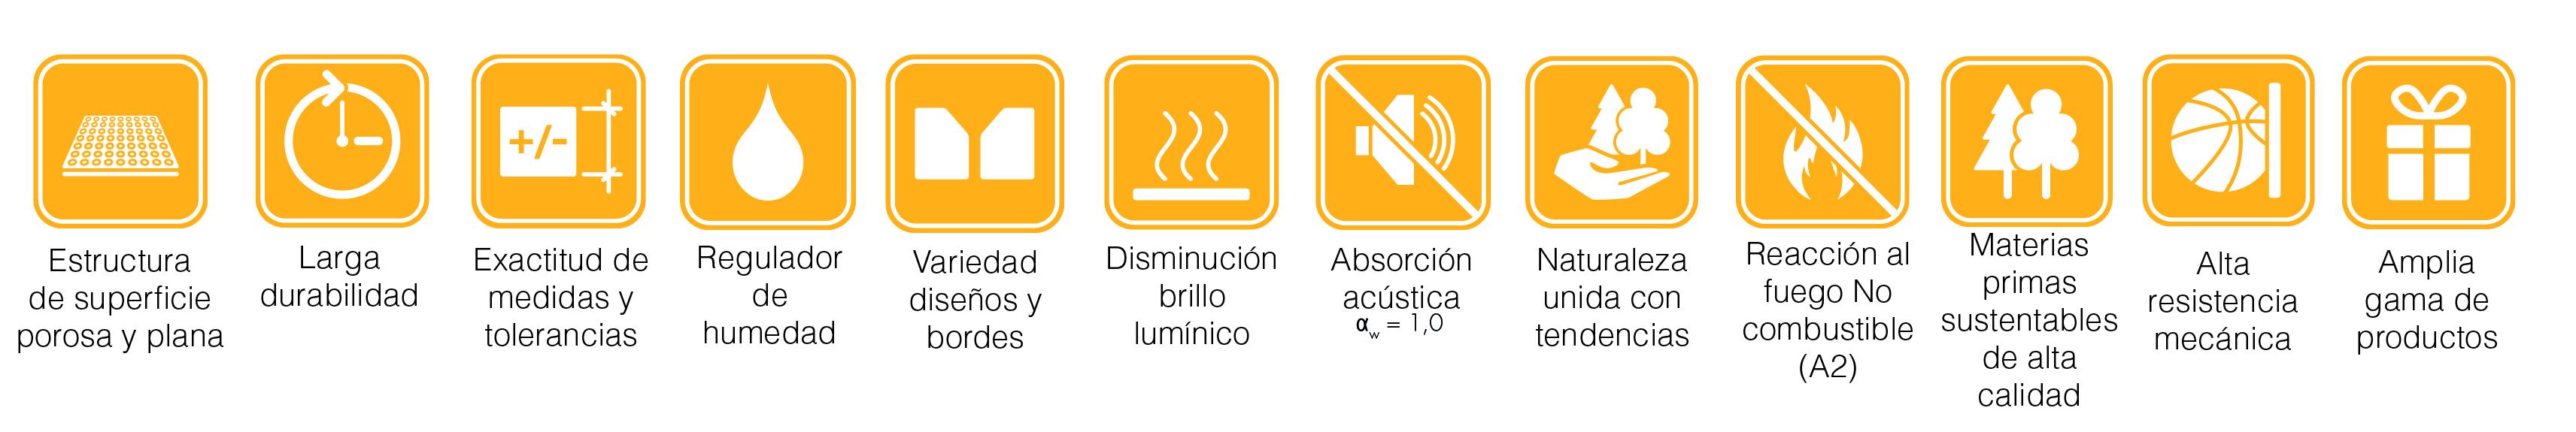 iconos ventajas producto heradesign knauf